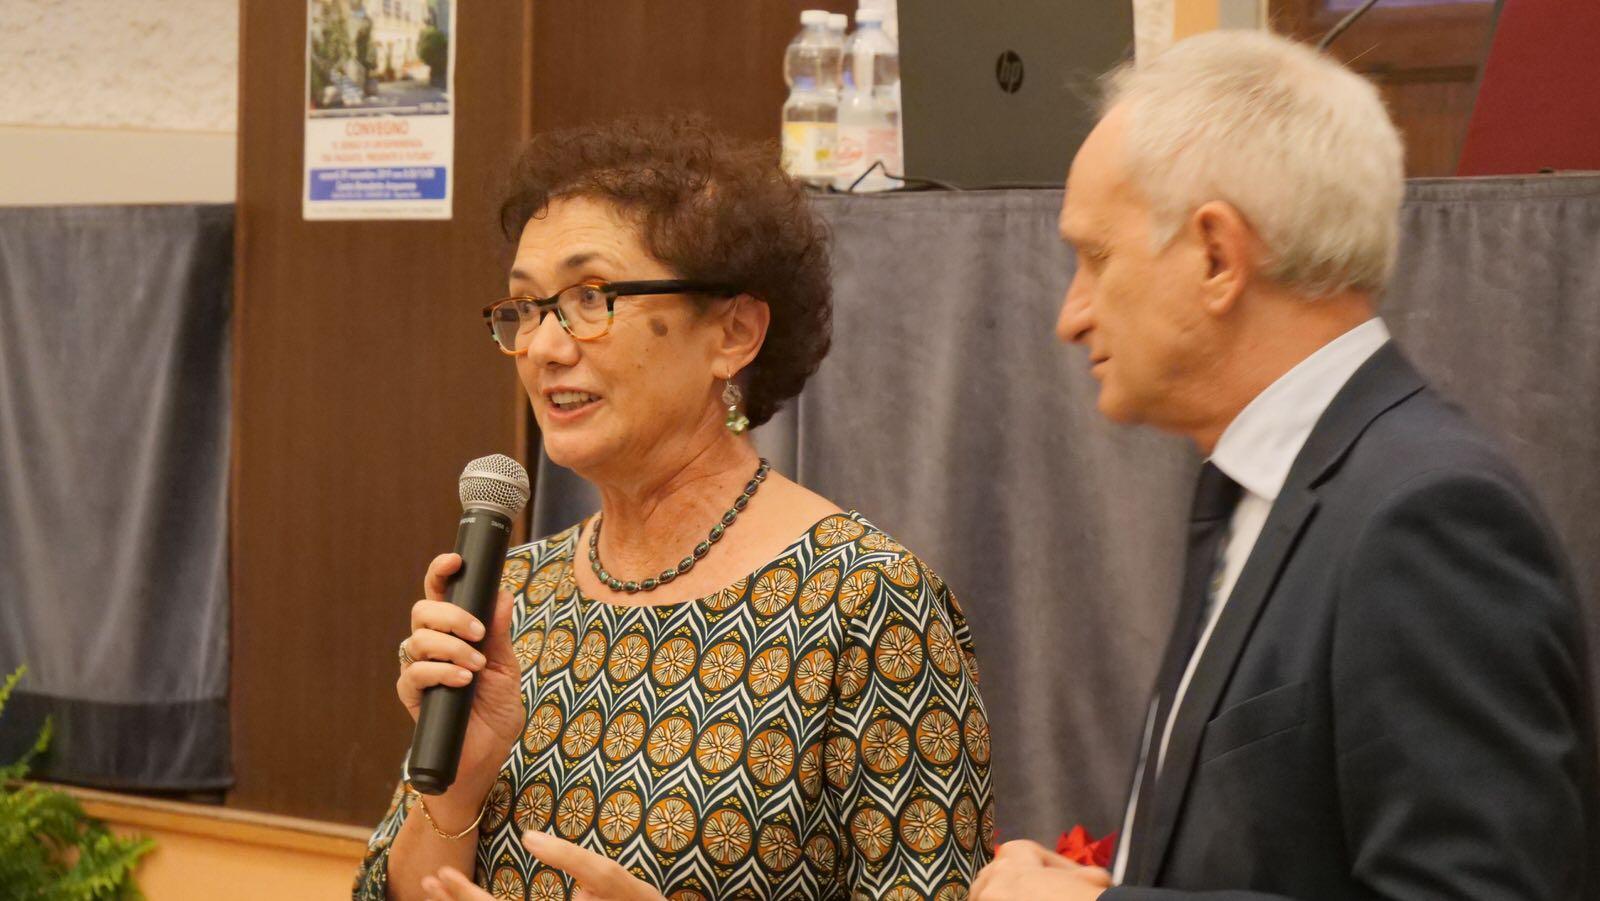 Convegno 20° anniversario Centro Benedetto Acquarone 2019.11.29 05